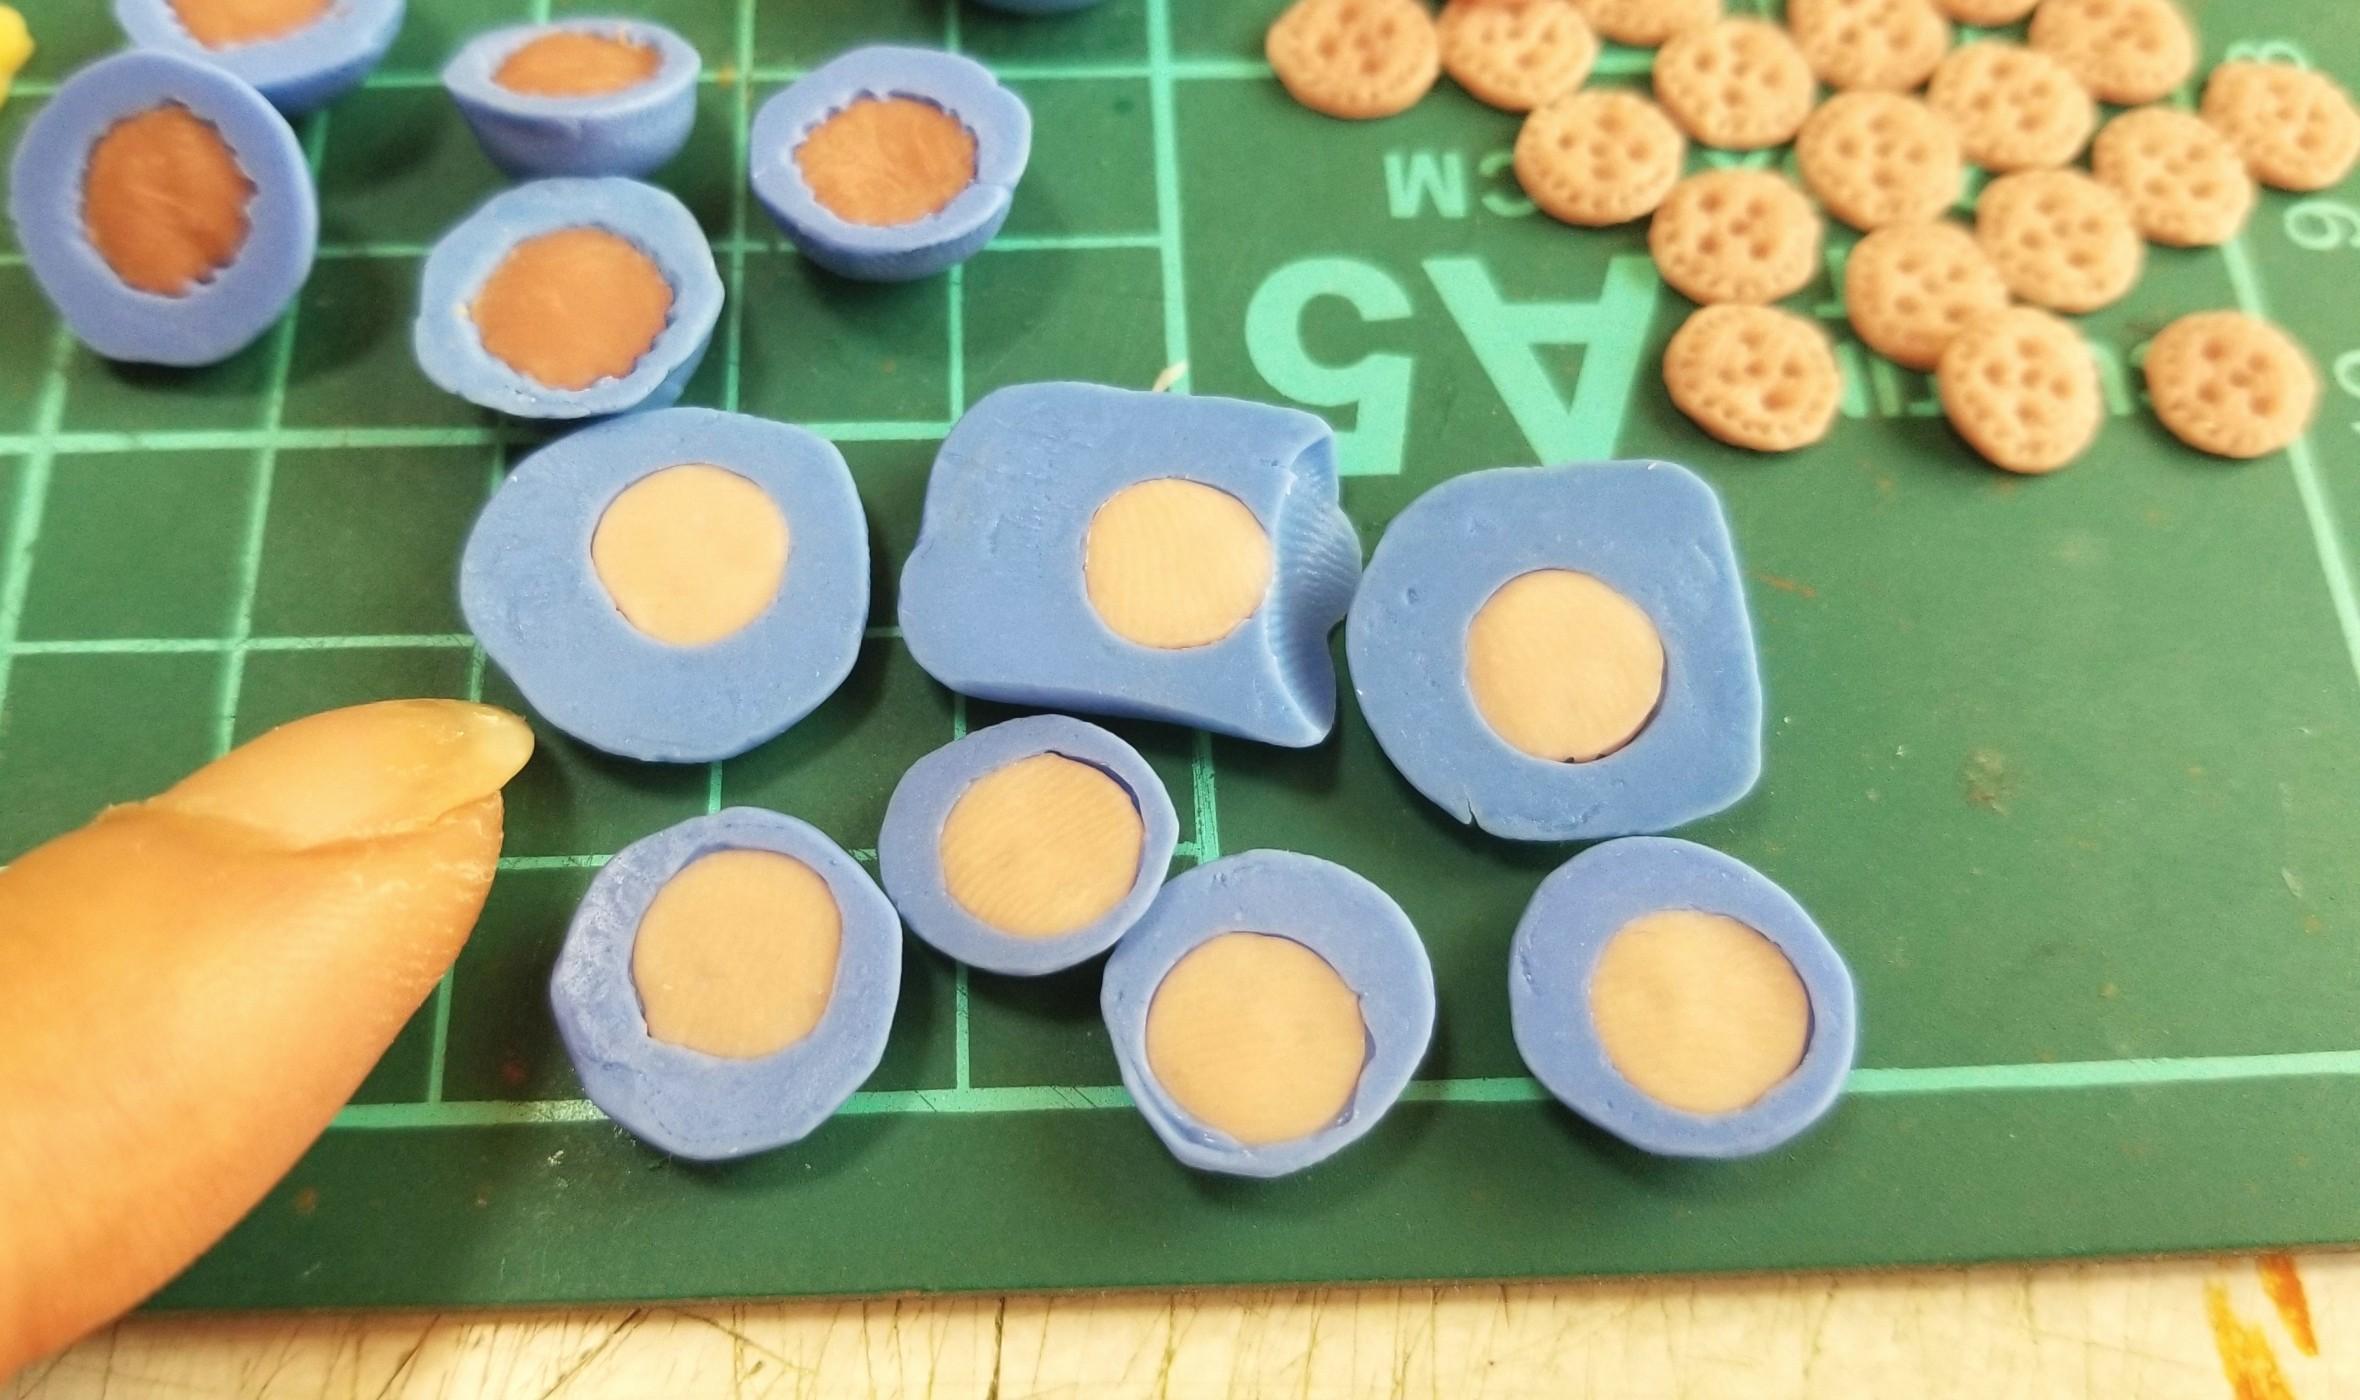 ミニチュア,樹脂粘土,色の違い,クッキー,配色,色が変わる,パーツ